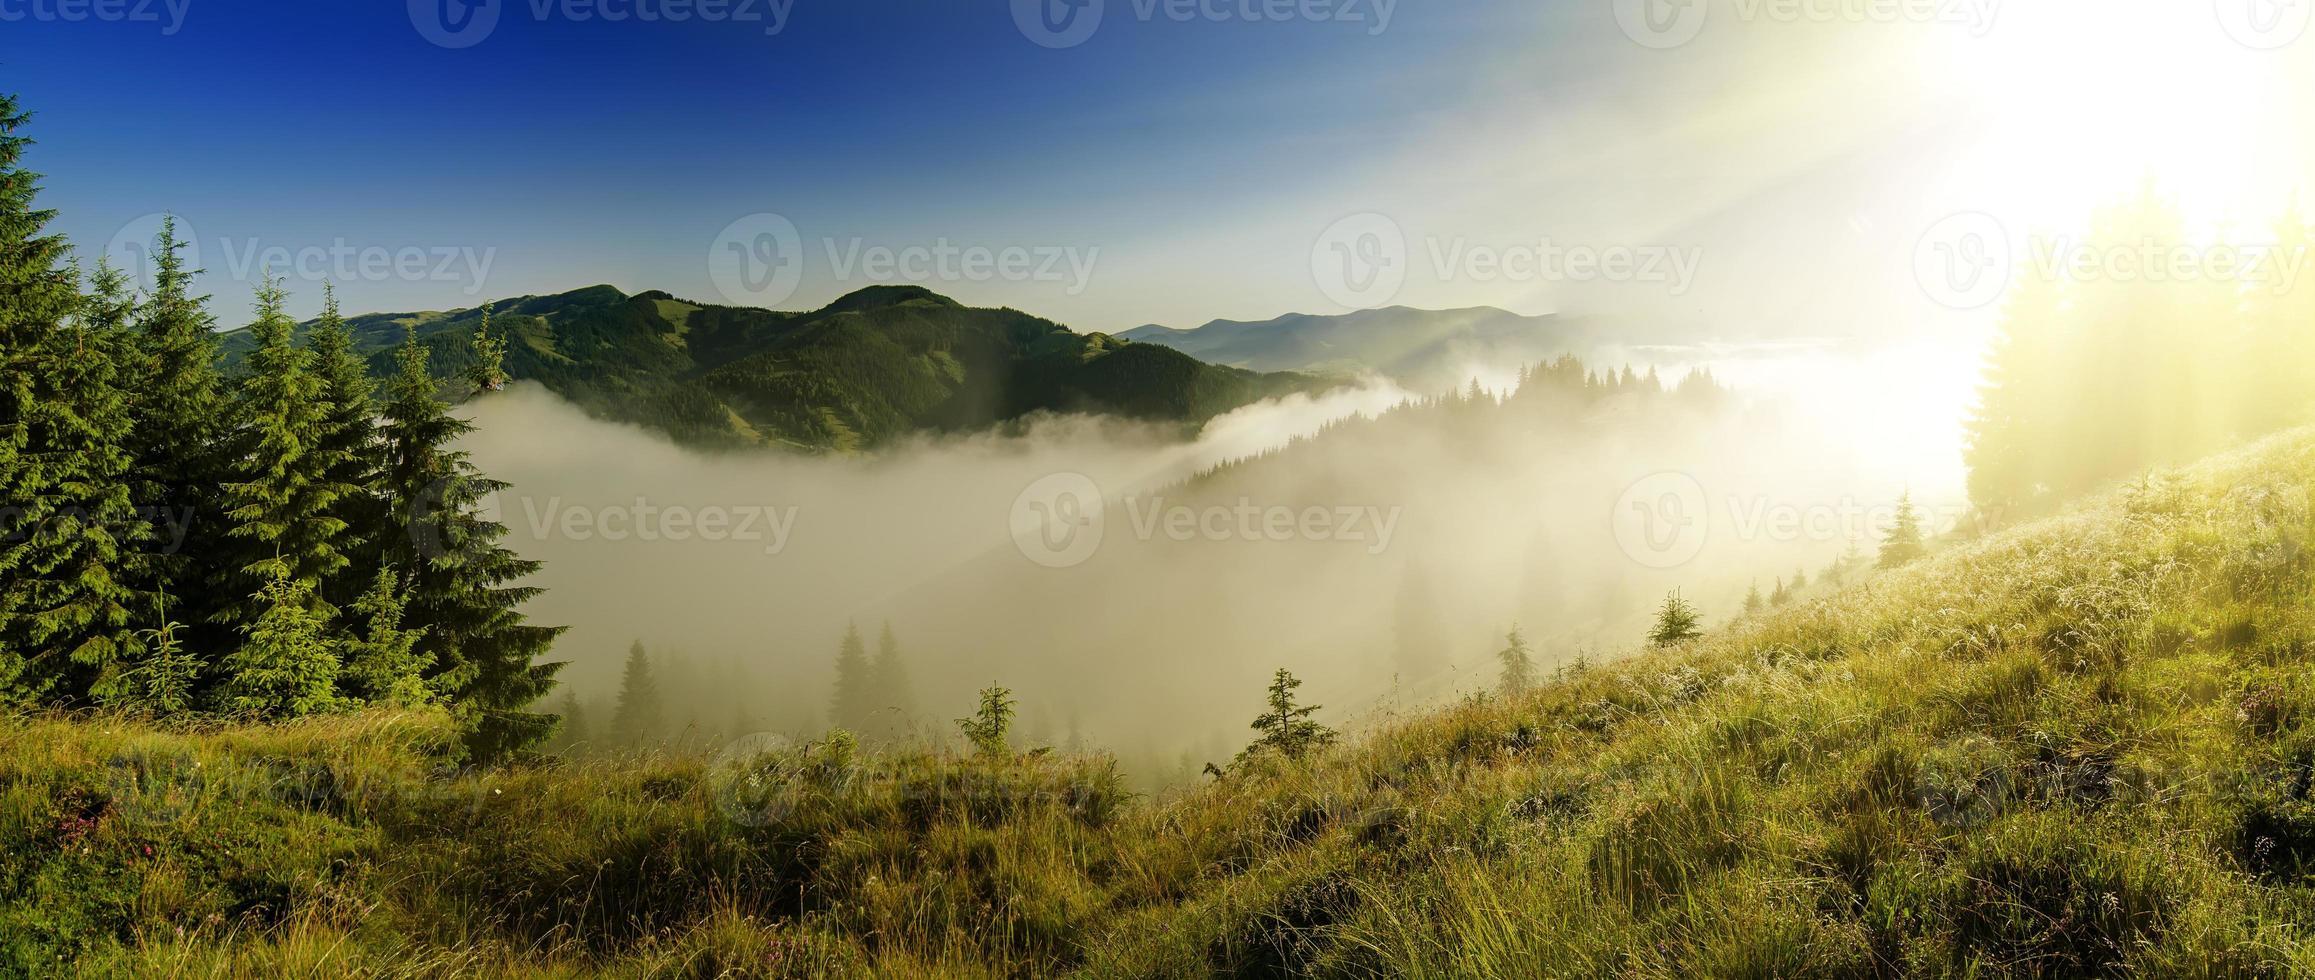 neblige Morgenlandschaft foto